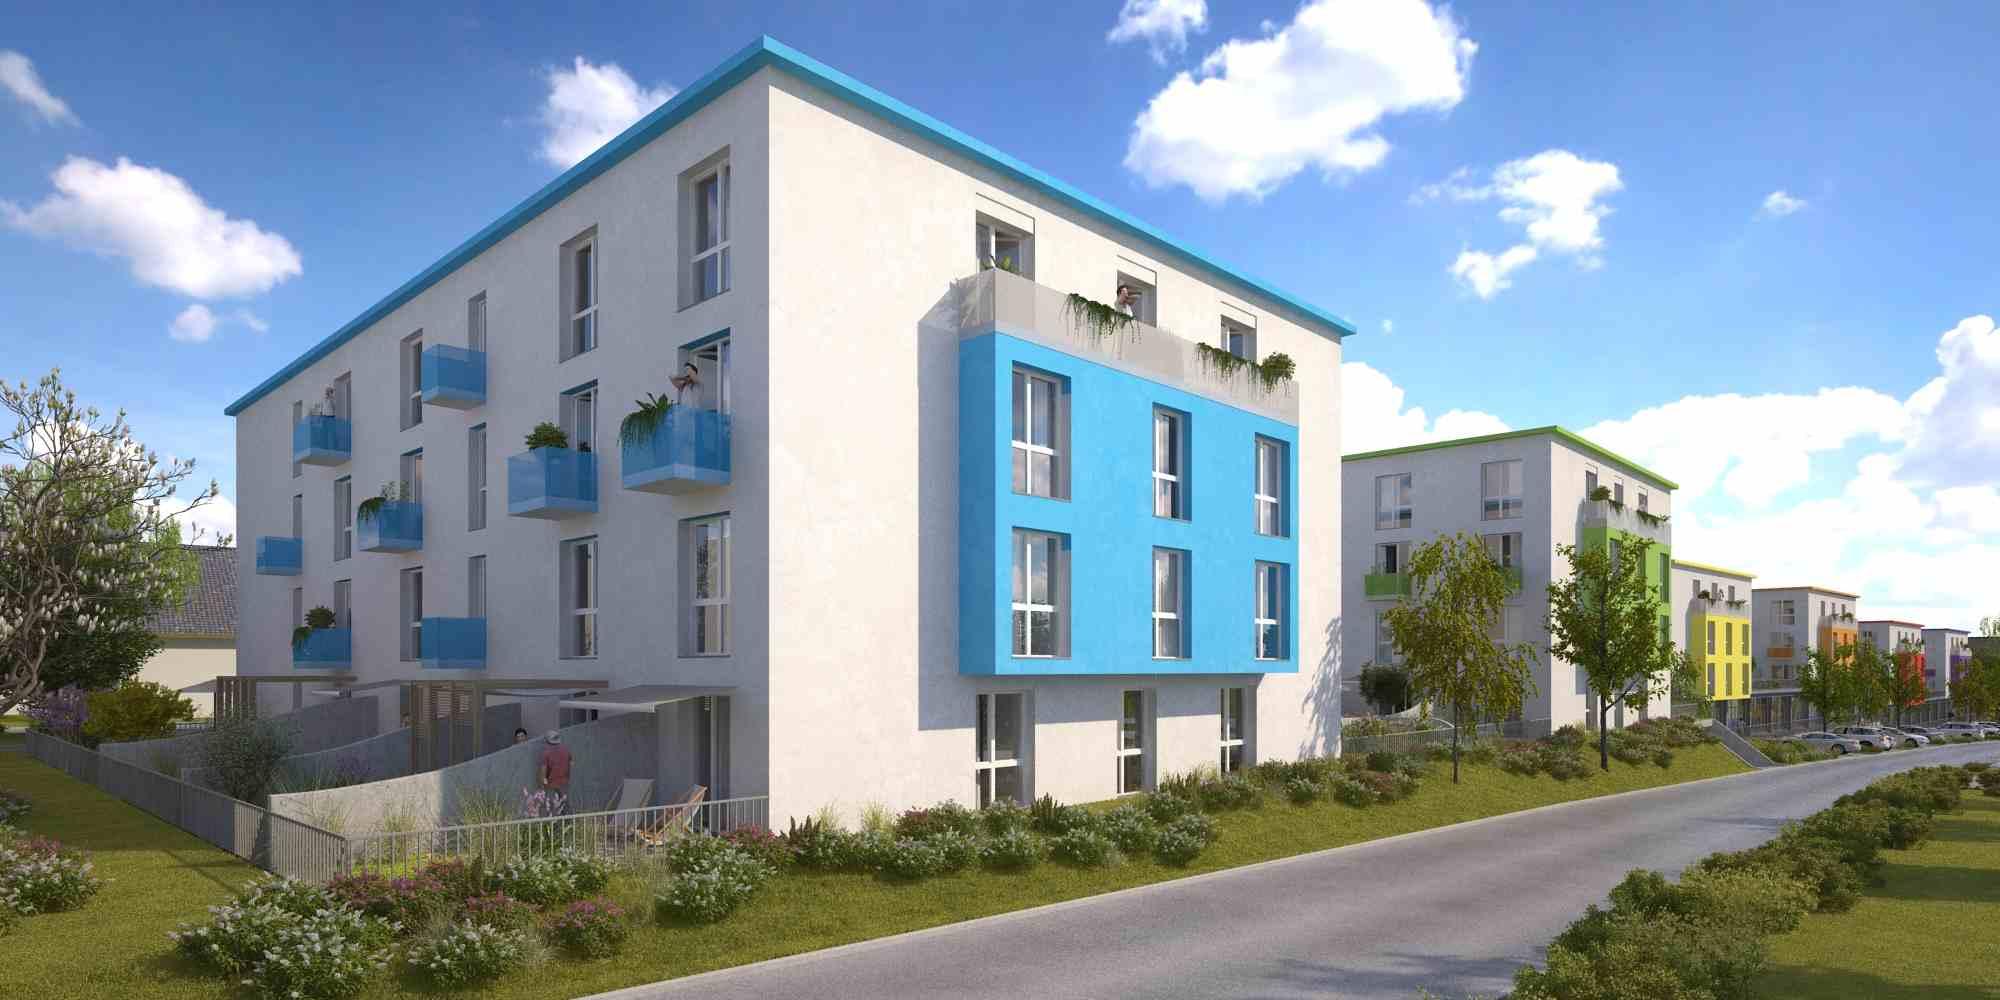 """Projekt """"Byty Amadet Jesenice"""" přináší komfort v bydlení"""